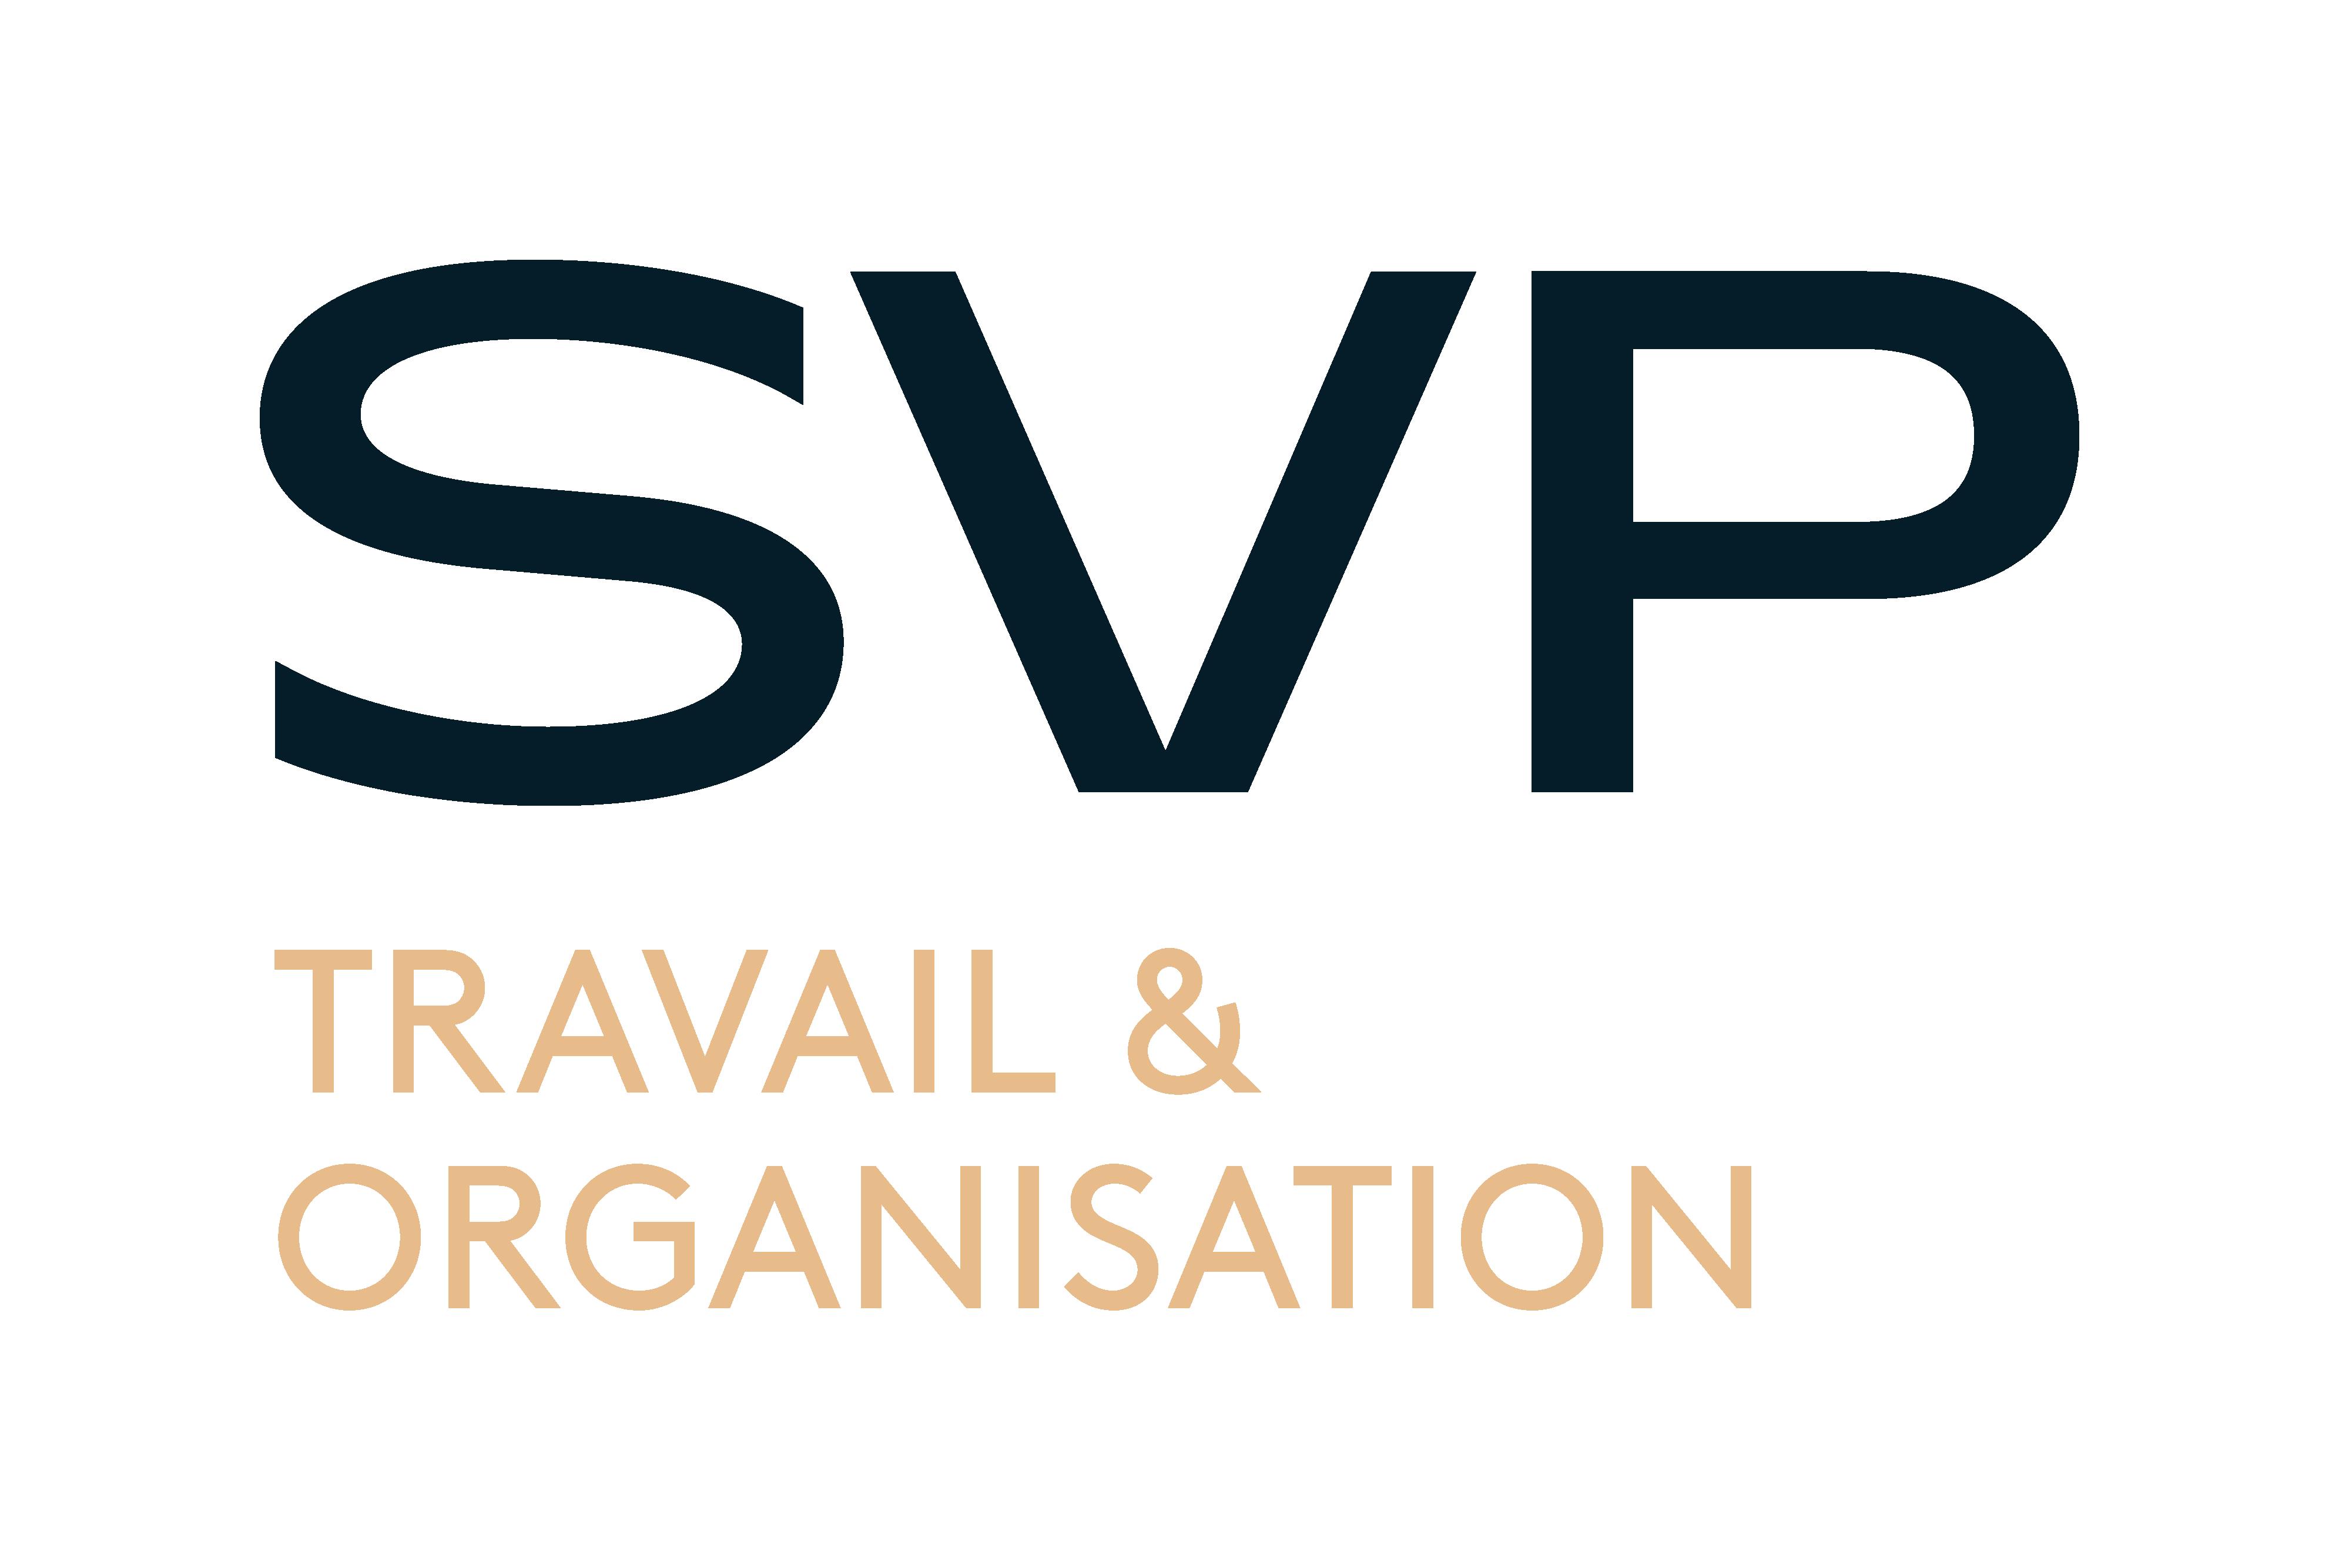 SVP Travail & Organisation - St Avertin (37)